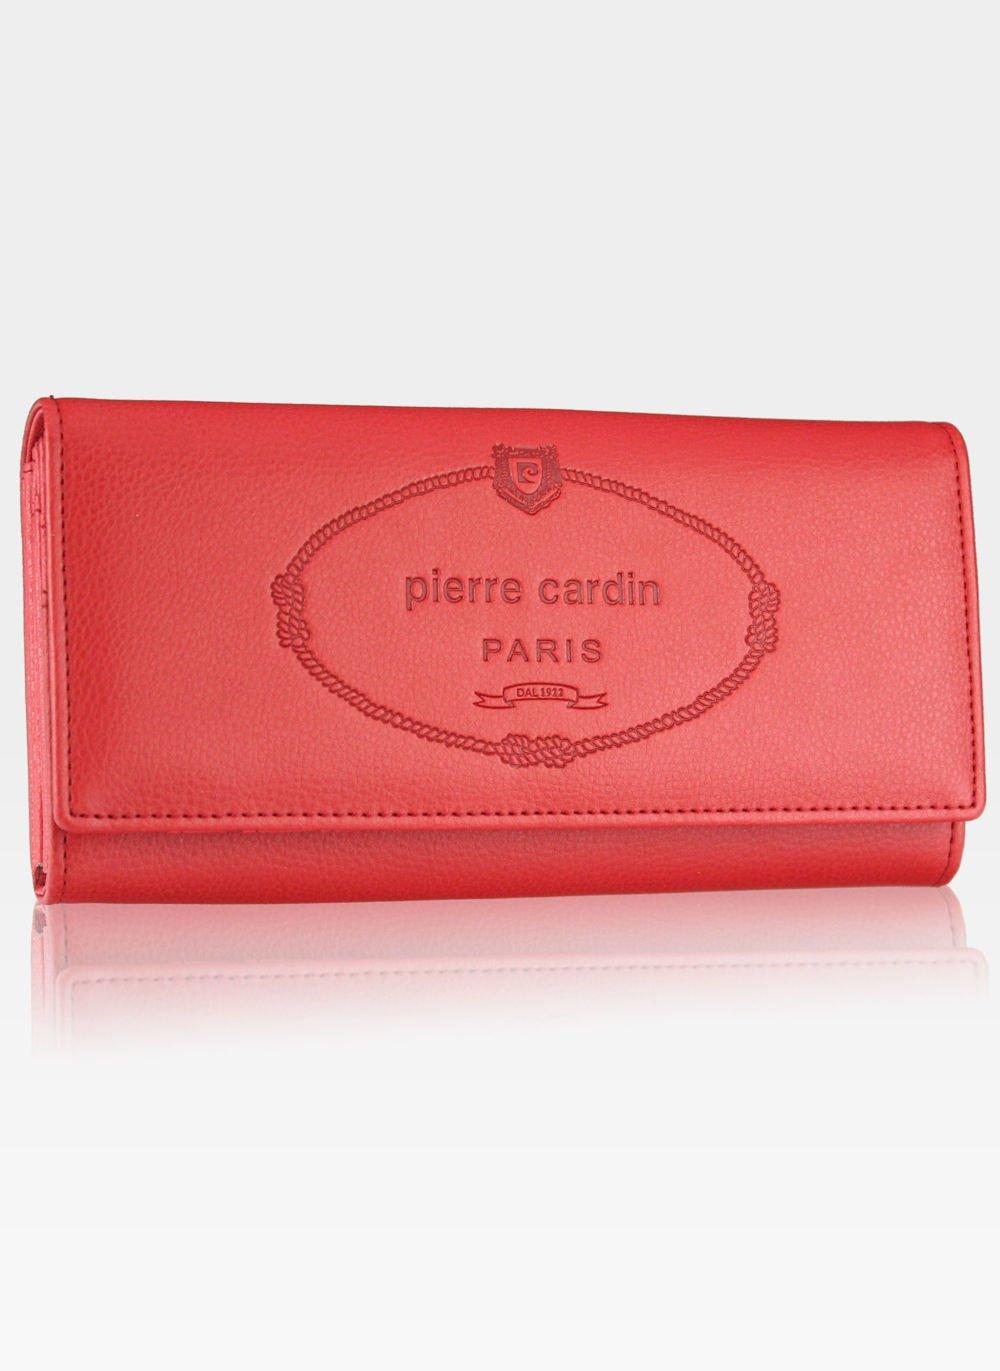 01ef25bfa68cb Luksusowy Modny Portfel Damski Pierre Cardin Koral Pierre Cardin ...